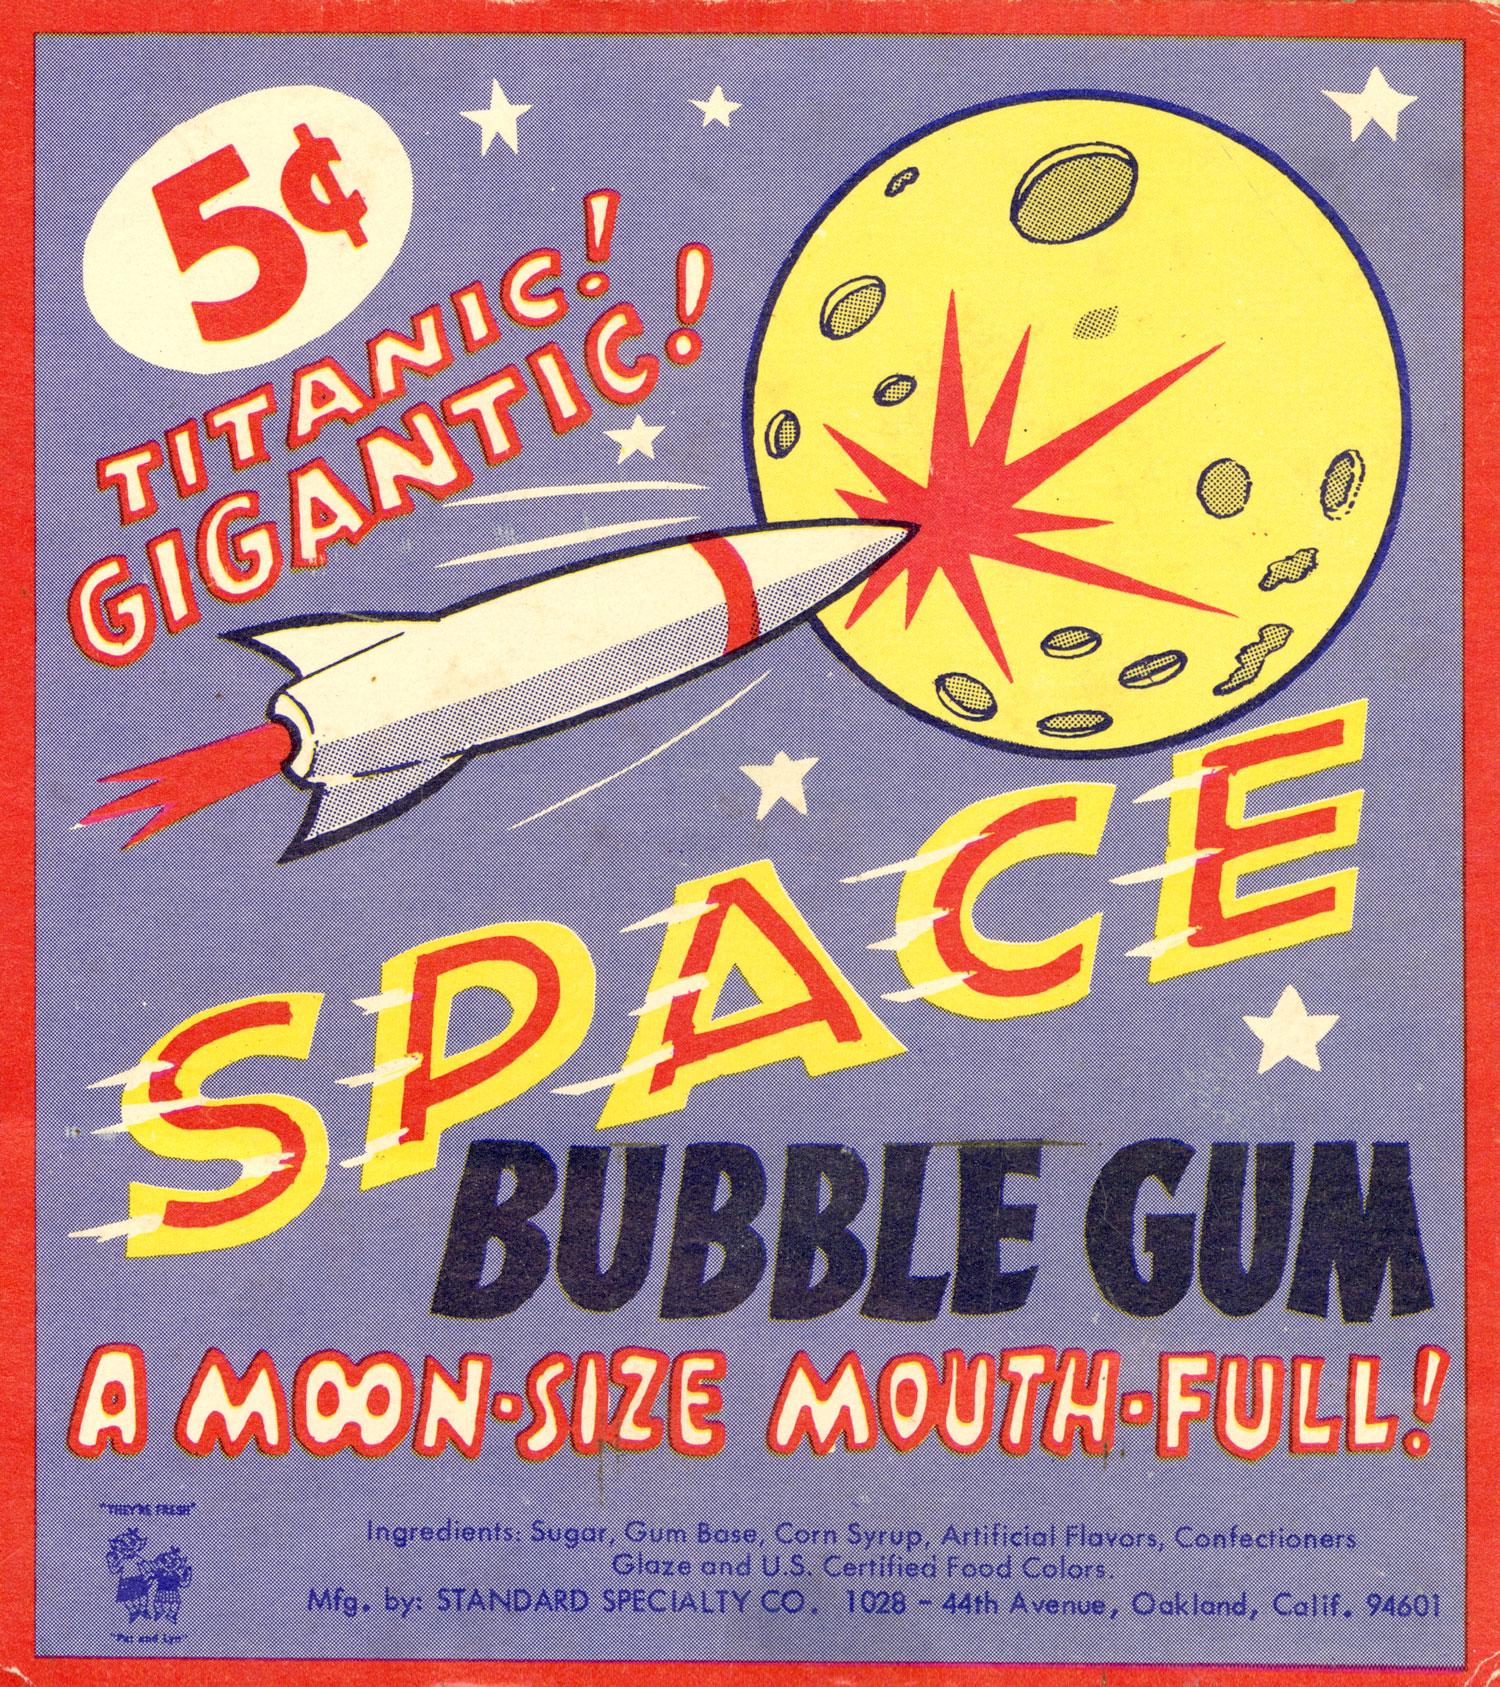 titanic-gigantic-space-bubble-gum_38660901706_o.jpg